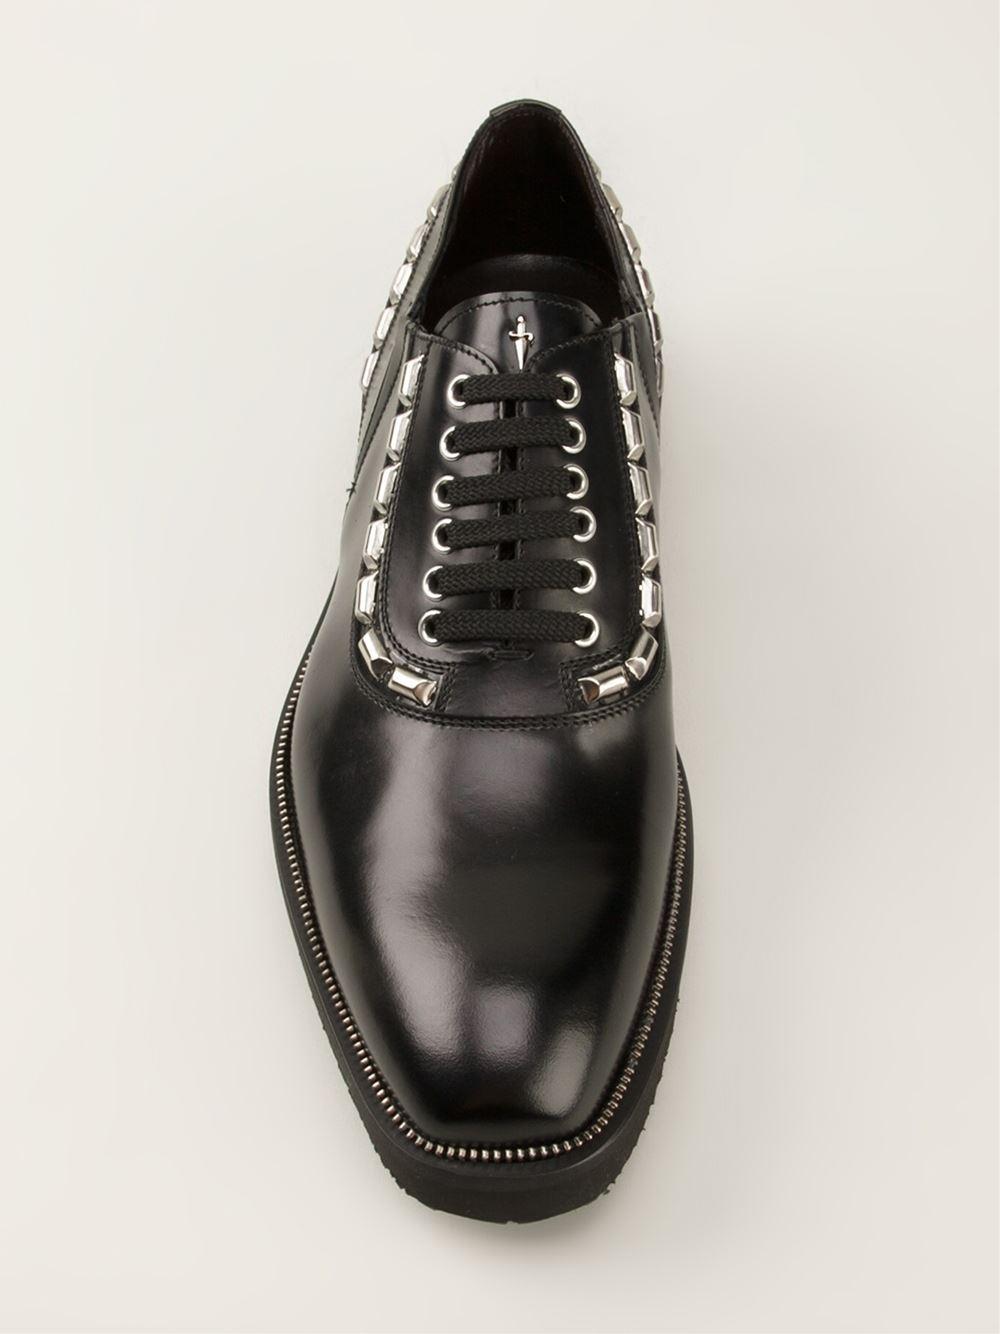 Cesare Paciotti Mens Shoes